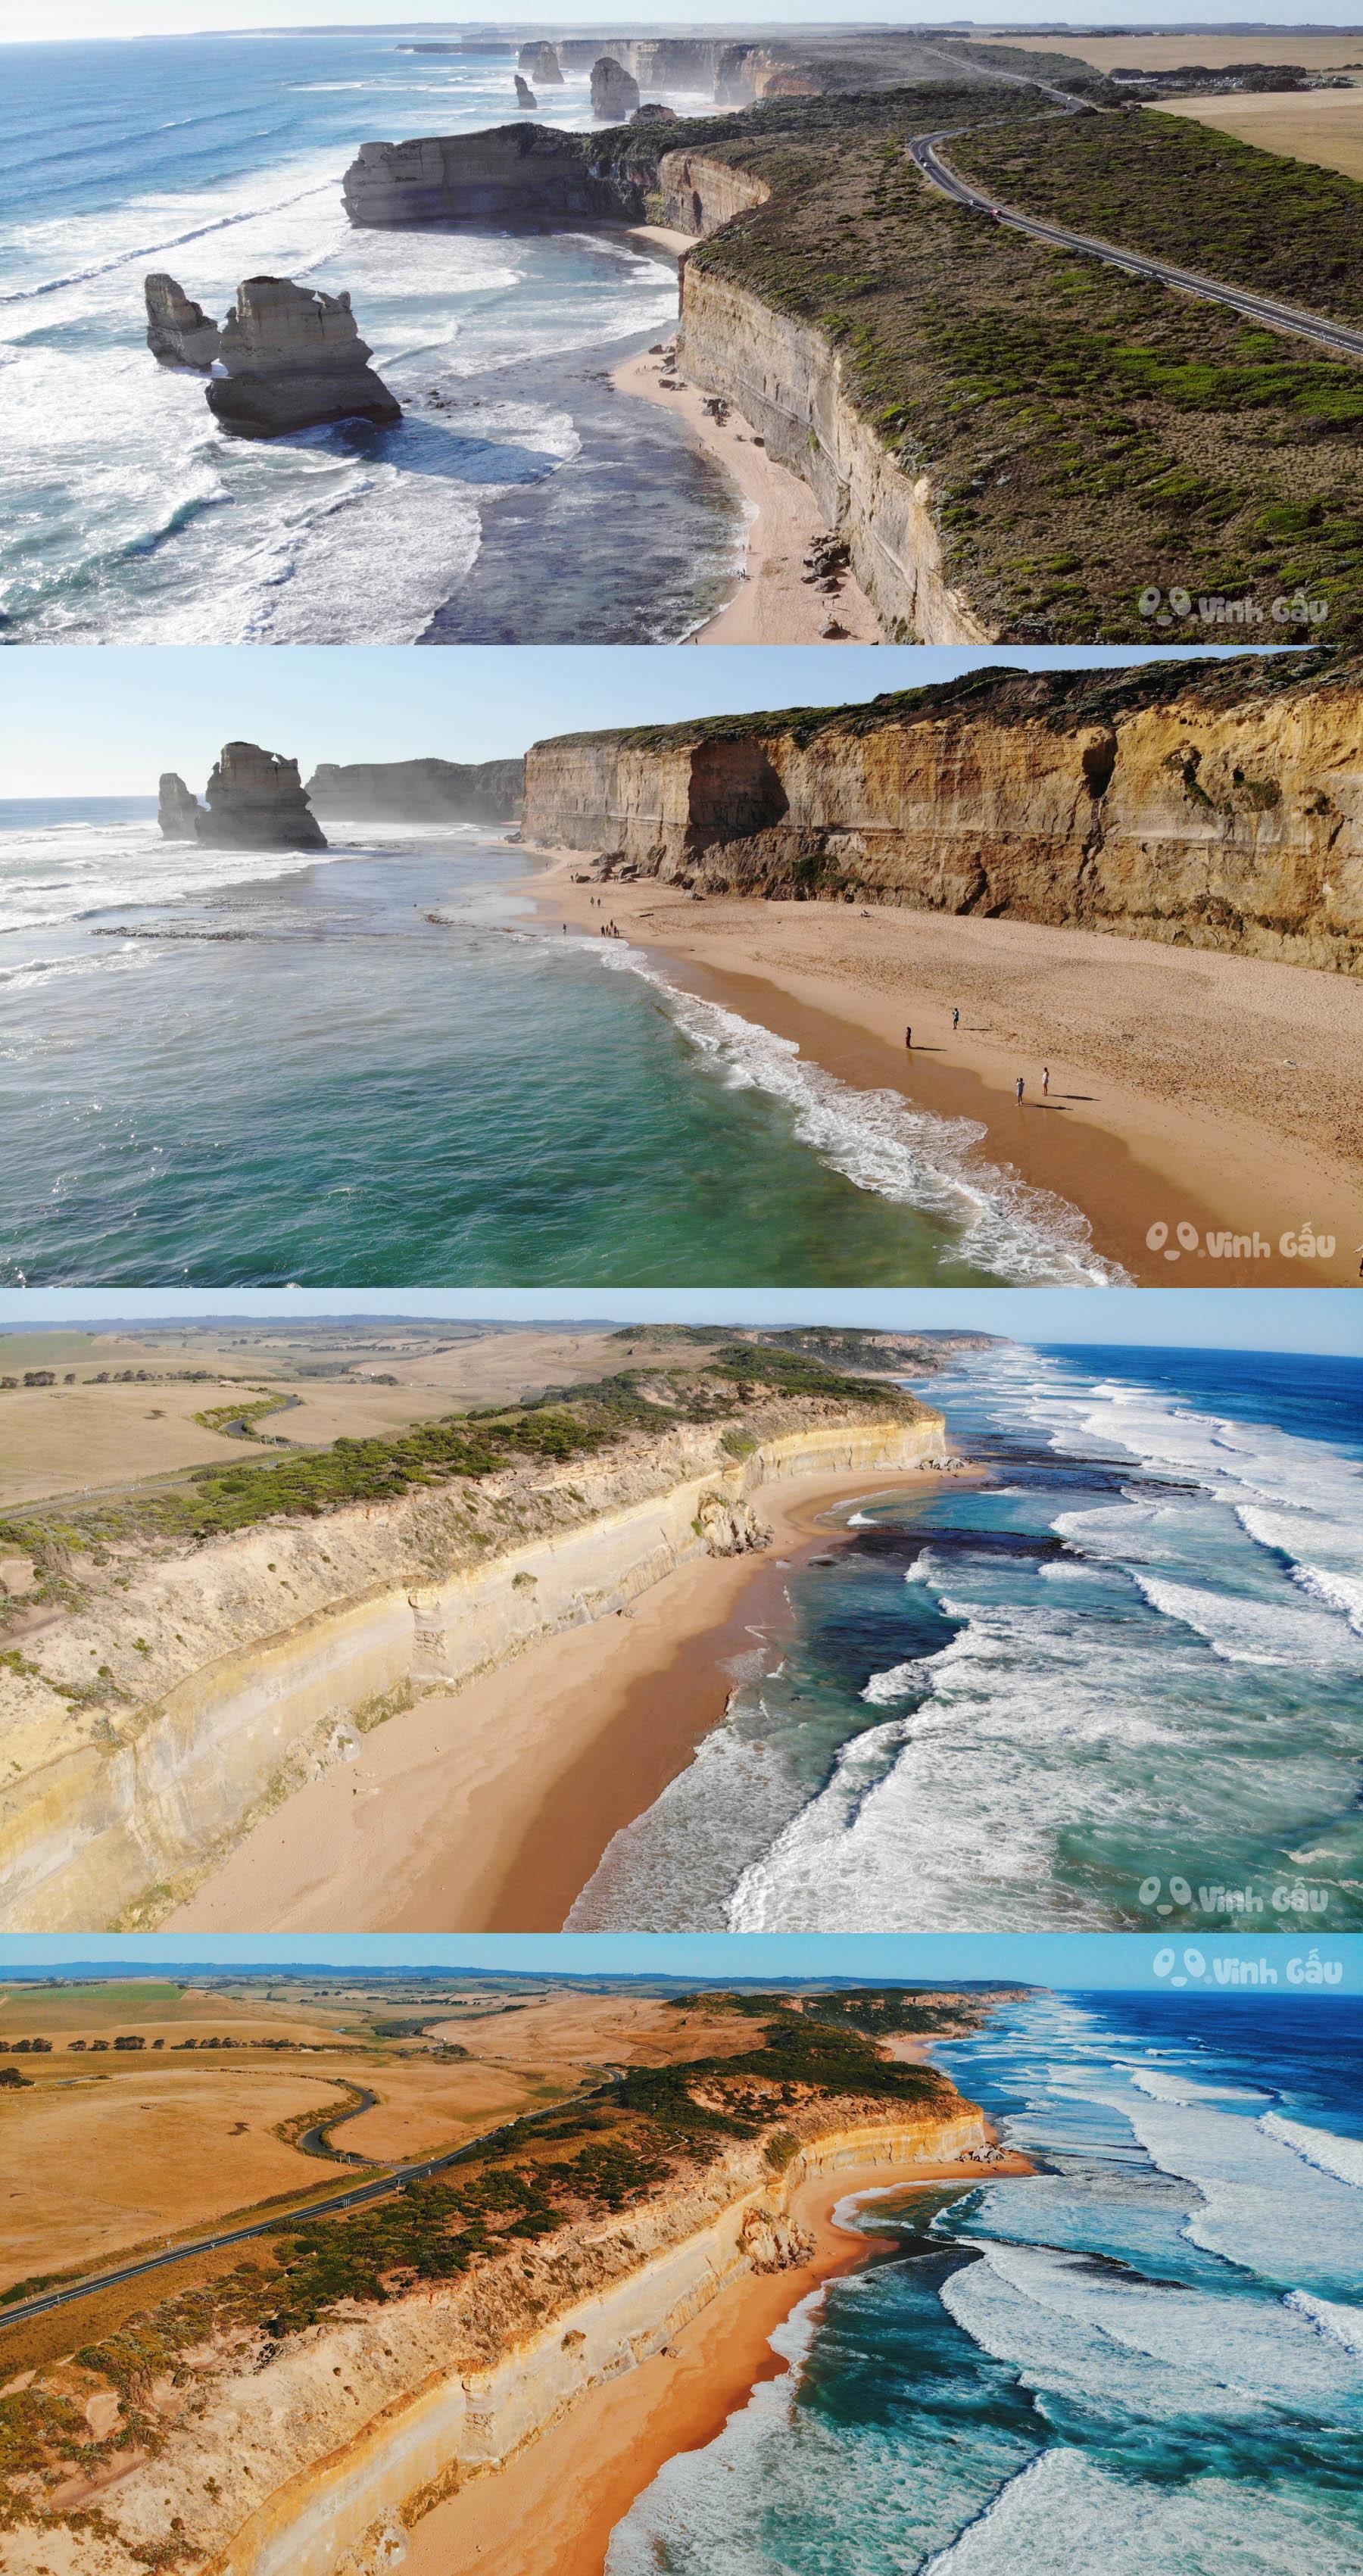 Du Lịch Melbourne - CON ĐƯỜNG GREAT OCEAN ROAD VÀ 12 VỊ TÔNG ĐỒ